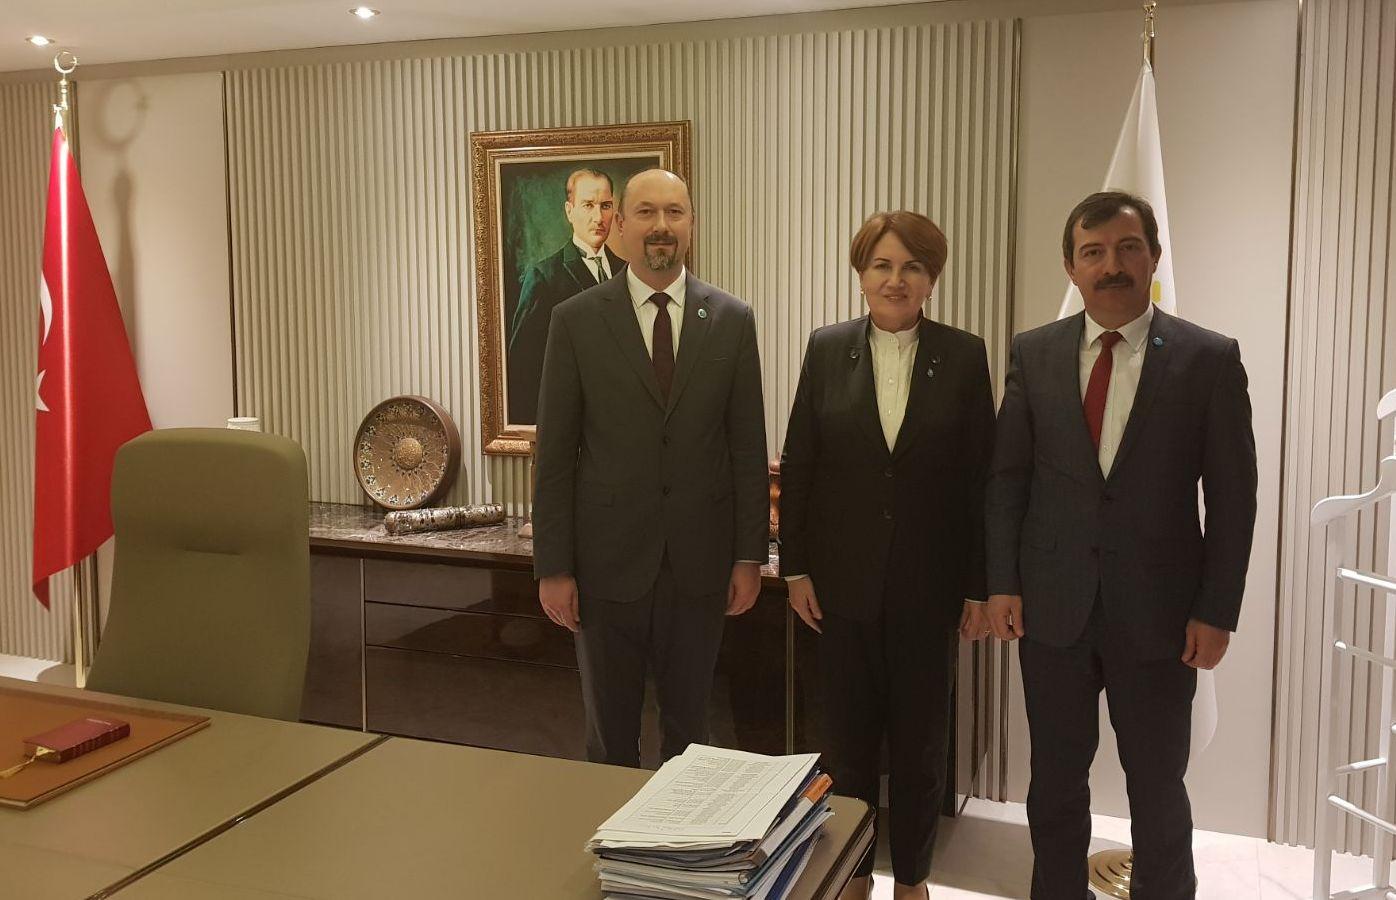 Osmangazi Kurucu İlçe Başkanı Olarak Genel Başkanımızı Ziyaret Ettik